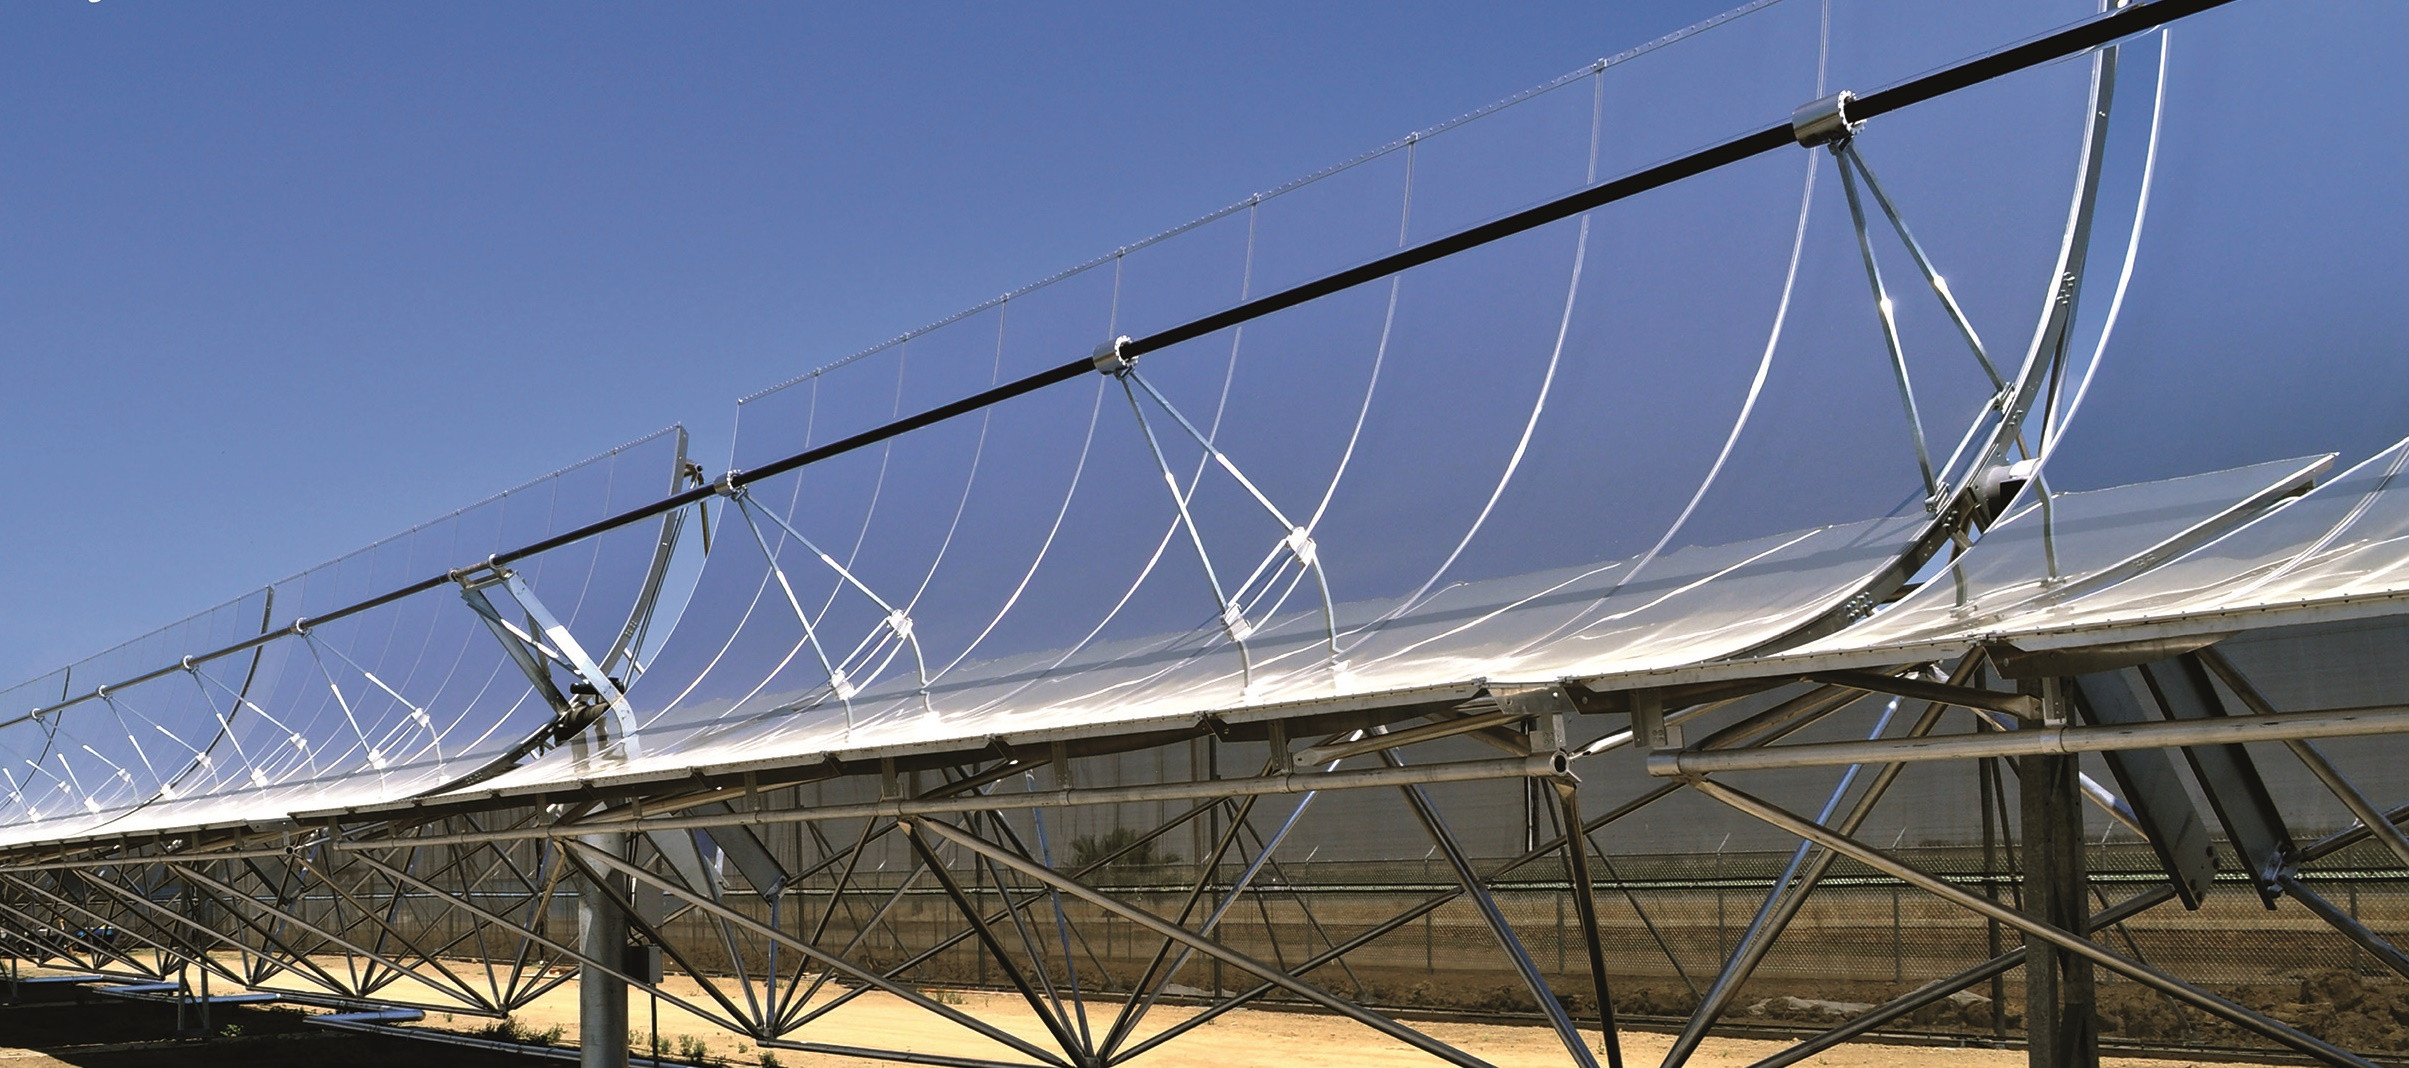 Bienvenidos a la época de la desalinización solar